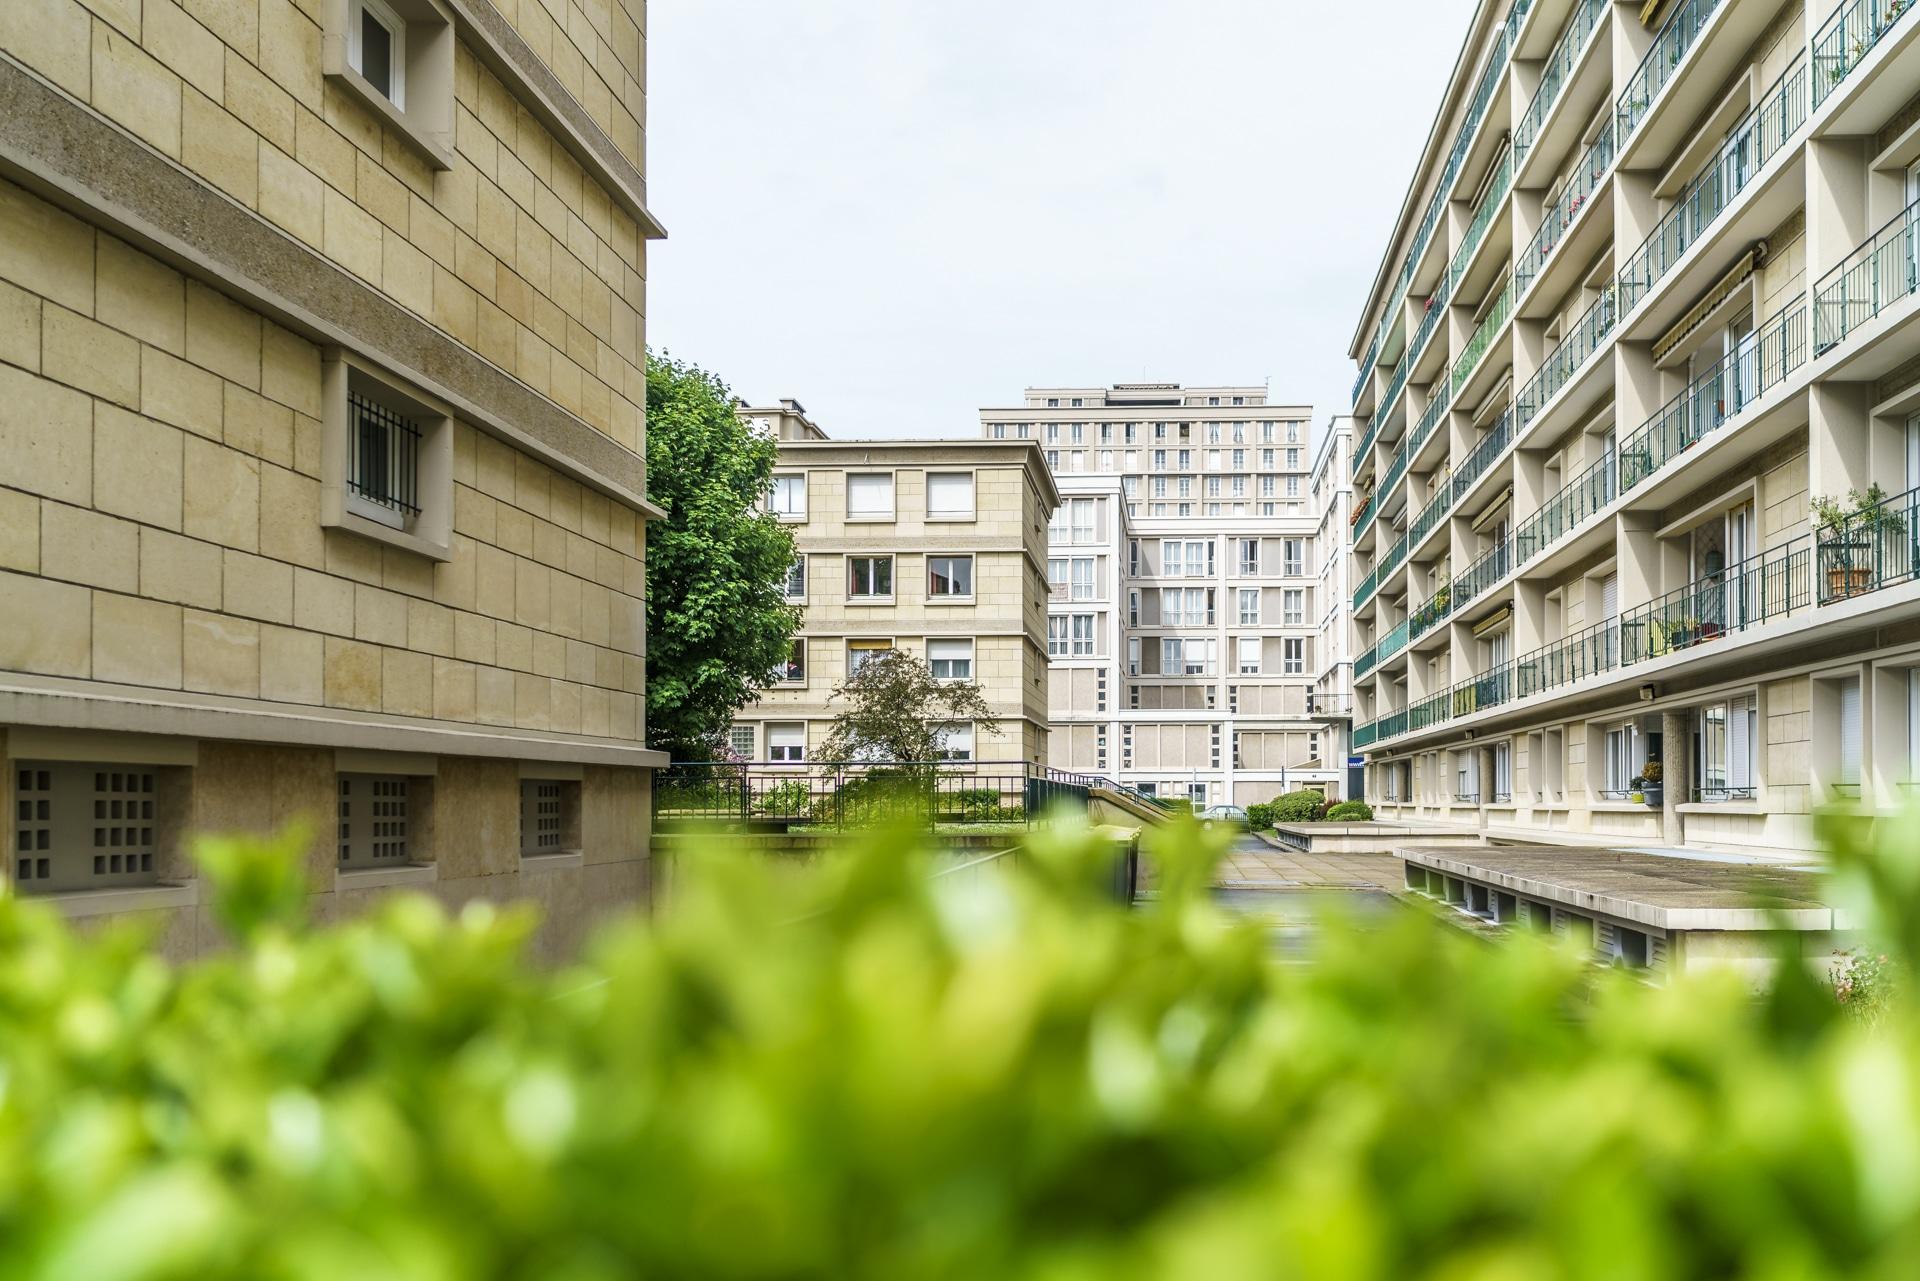 Perret-Le-Havre-Unesco